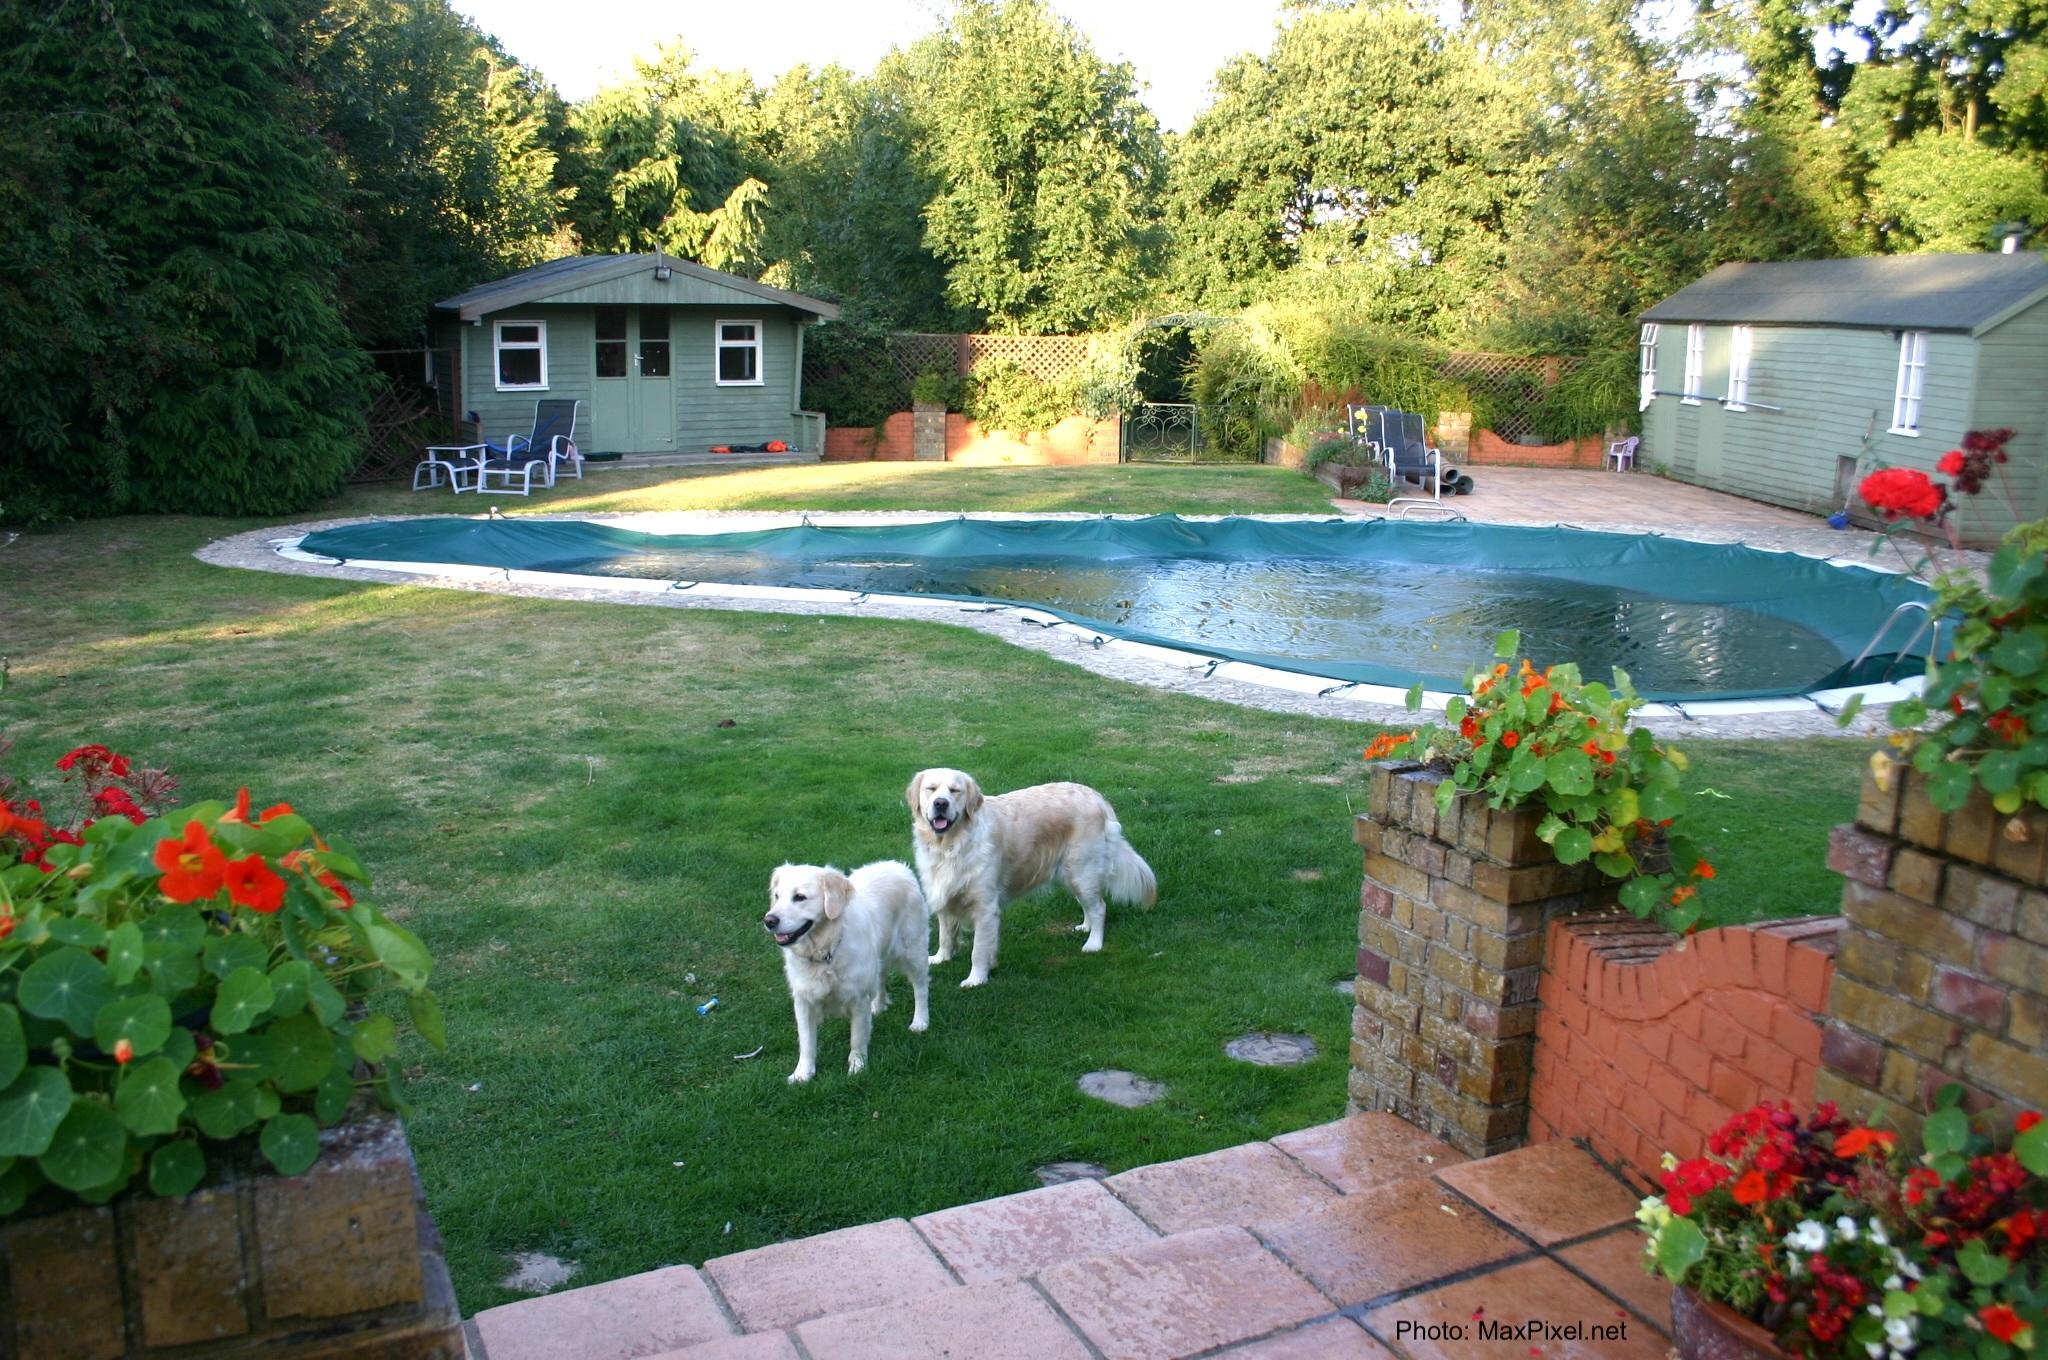 Piscine de cour arrière avec 2 chiens.